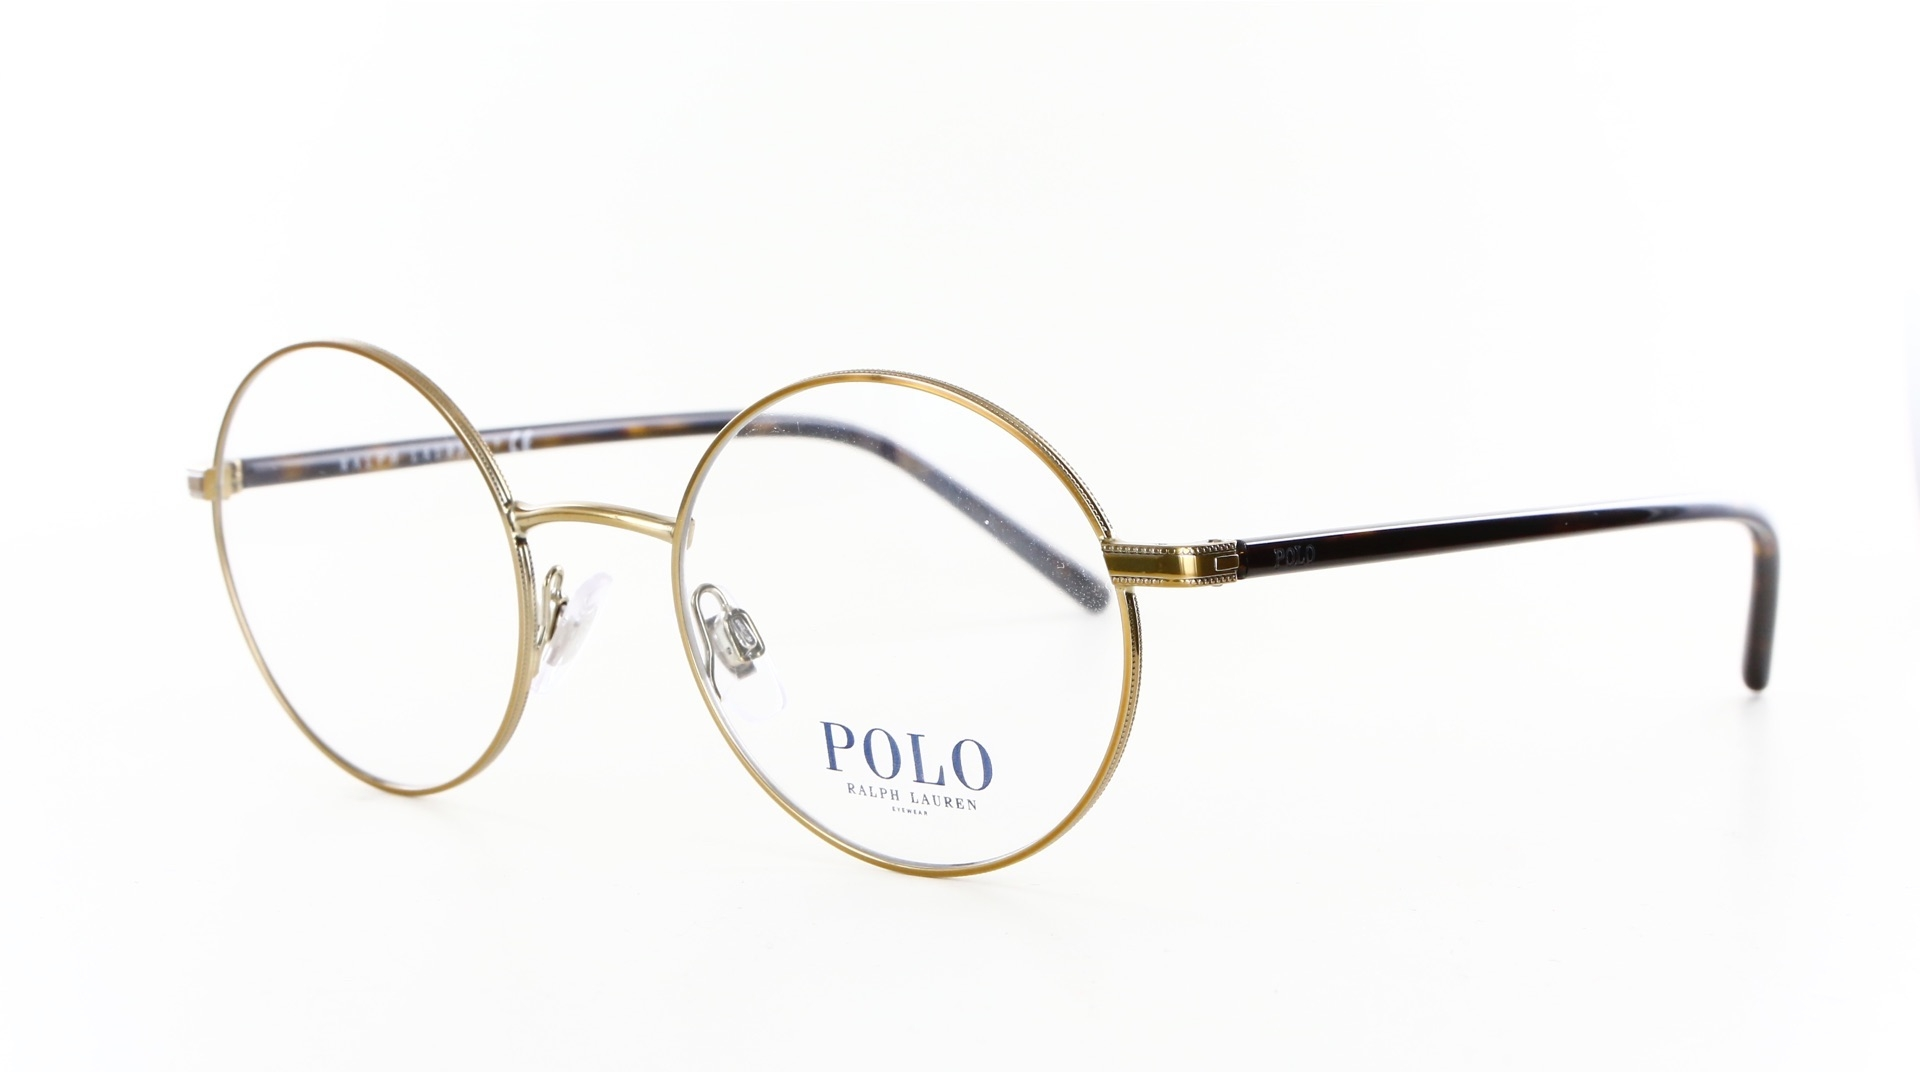 Polo Ralph Lauren - ref: 77579